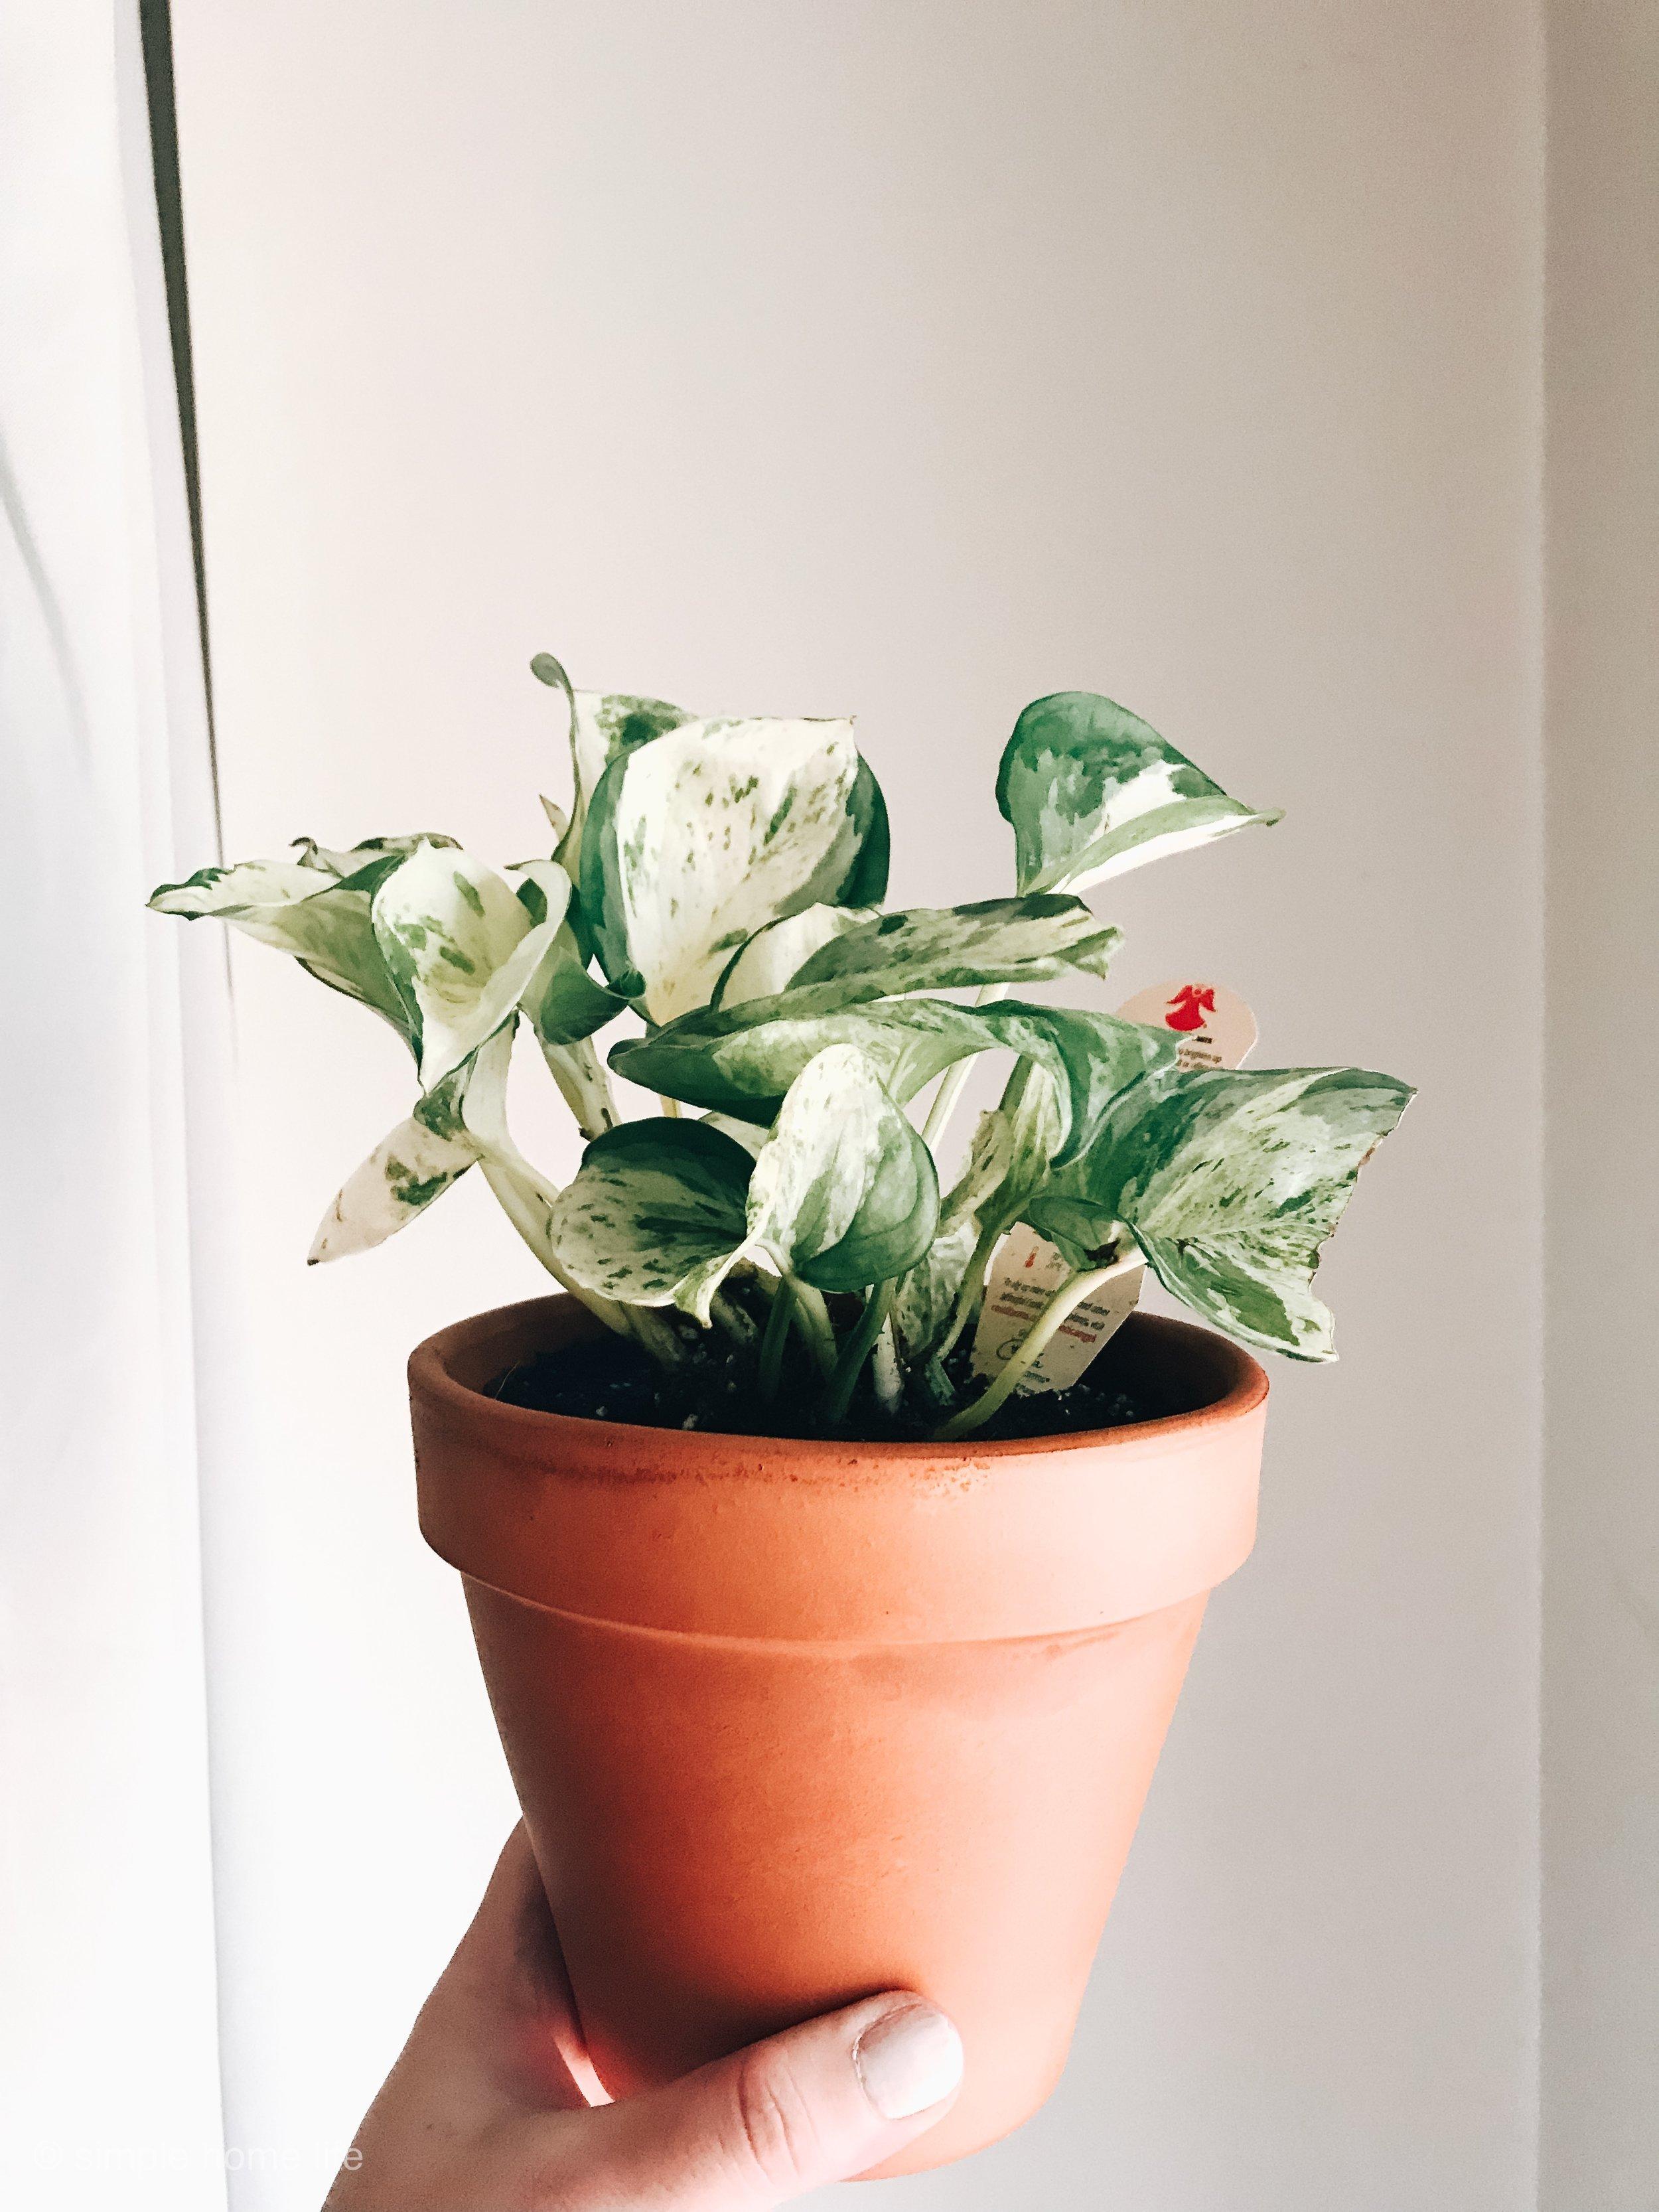 pearlpothos-jade